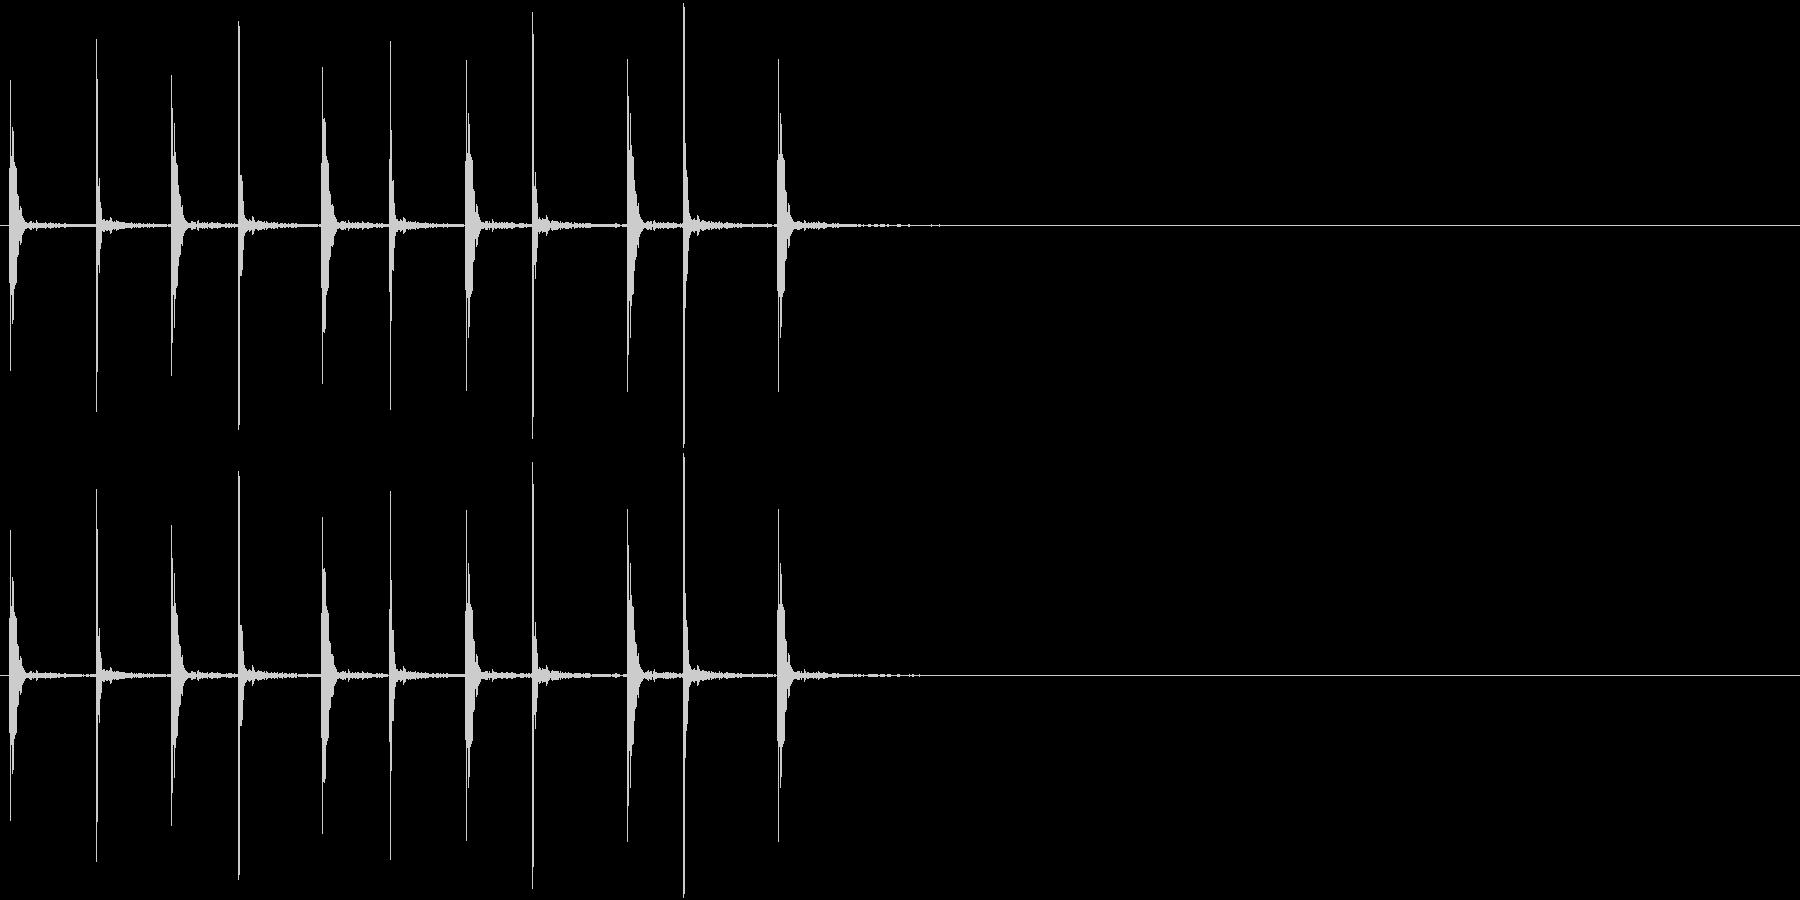 音侍SE「トンテン・・」連打した石と石の未再生の波形